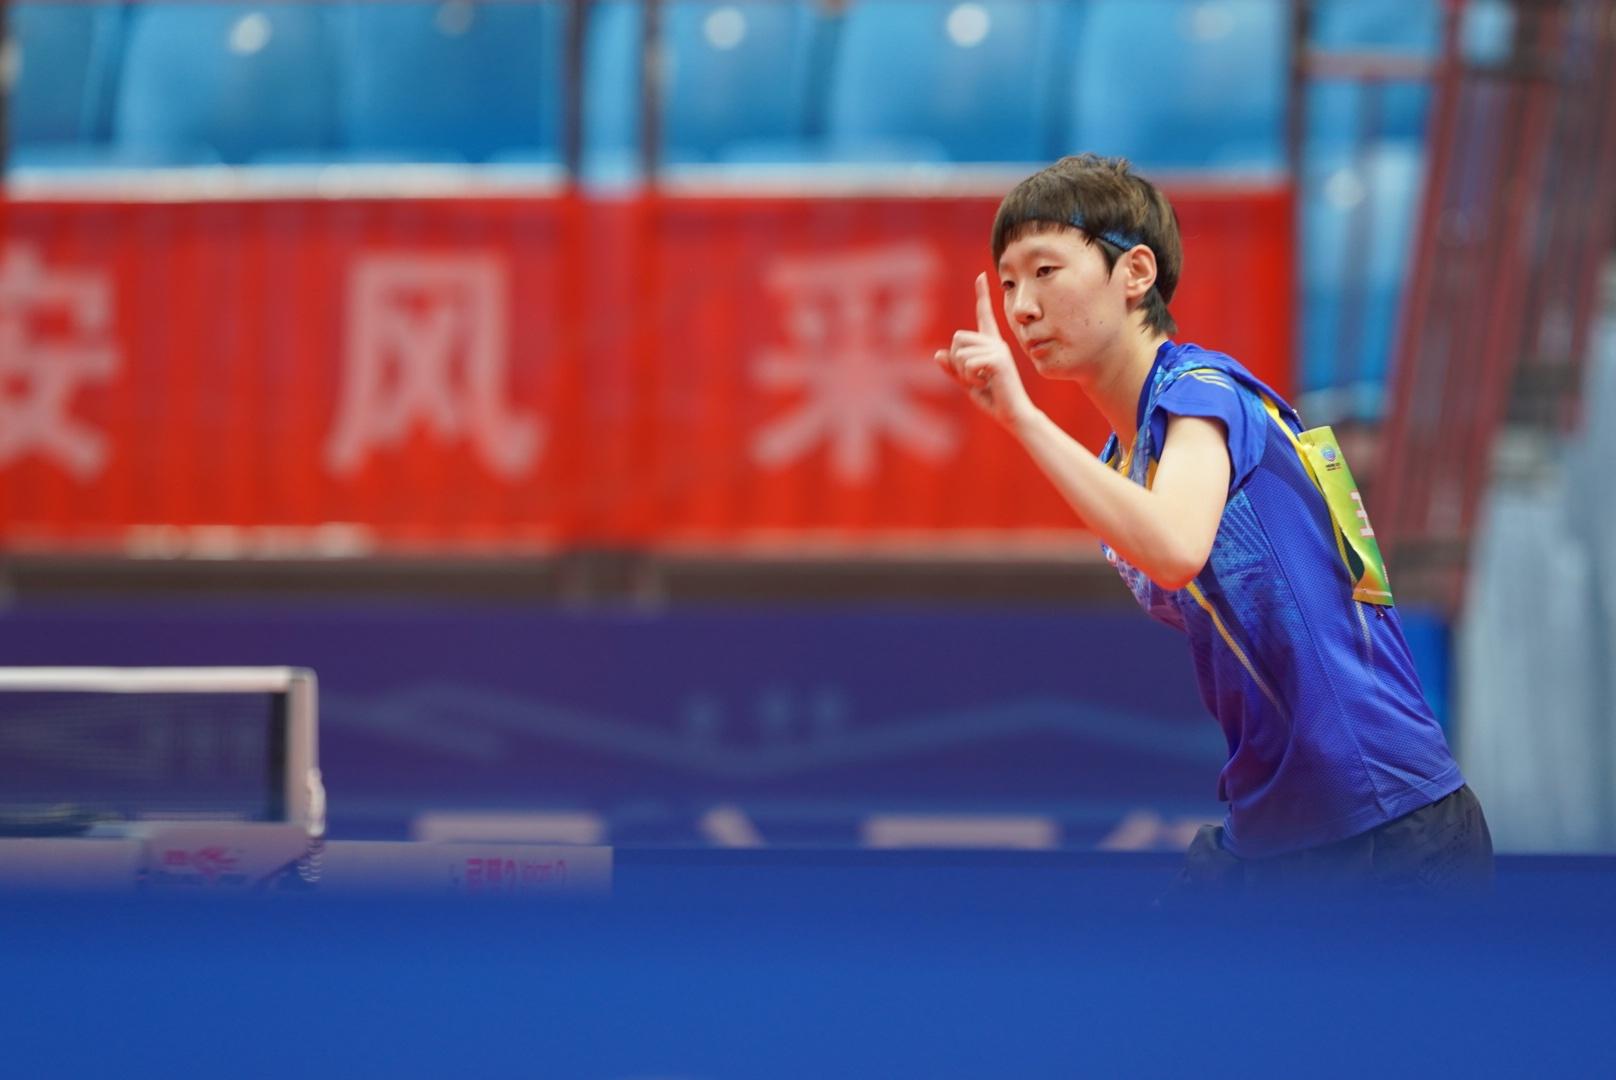 王曼昱战胜孙颖莎,获得全运会乒乓女单金牌!